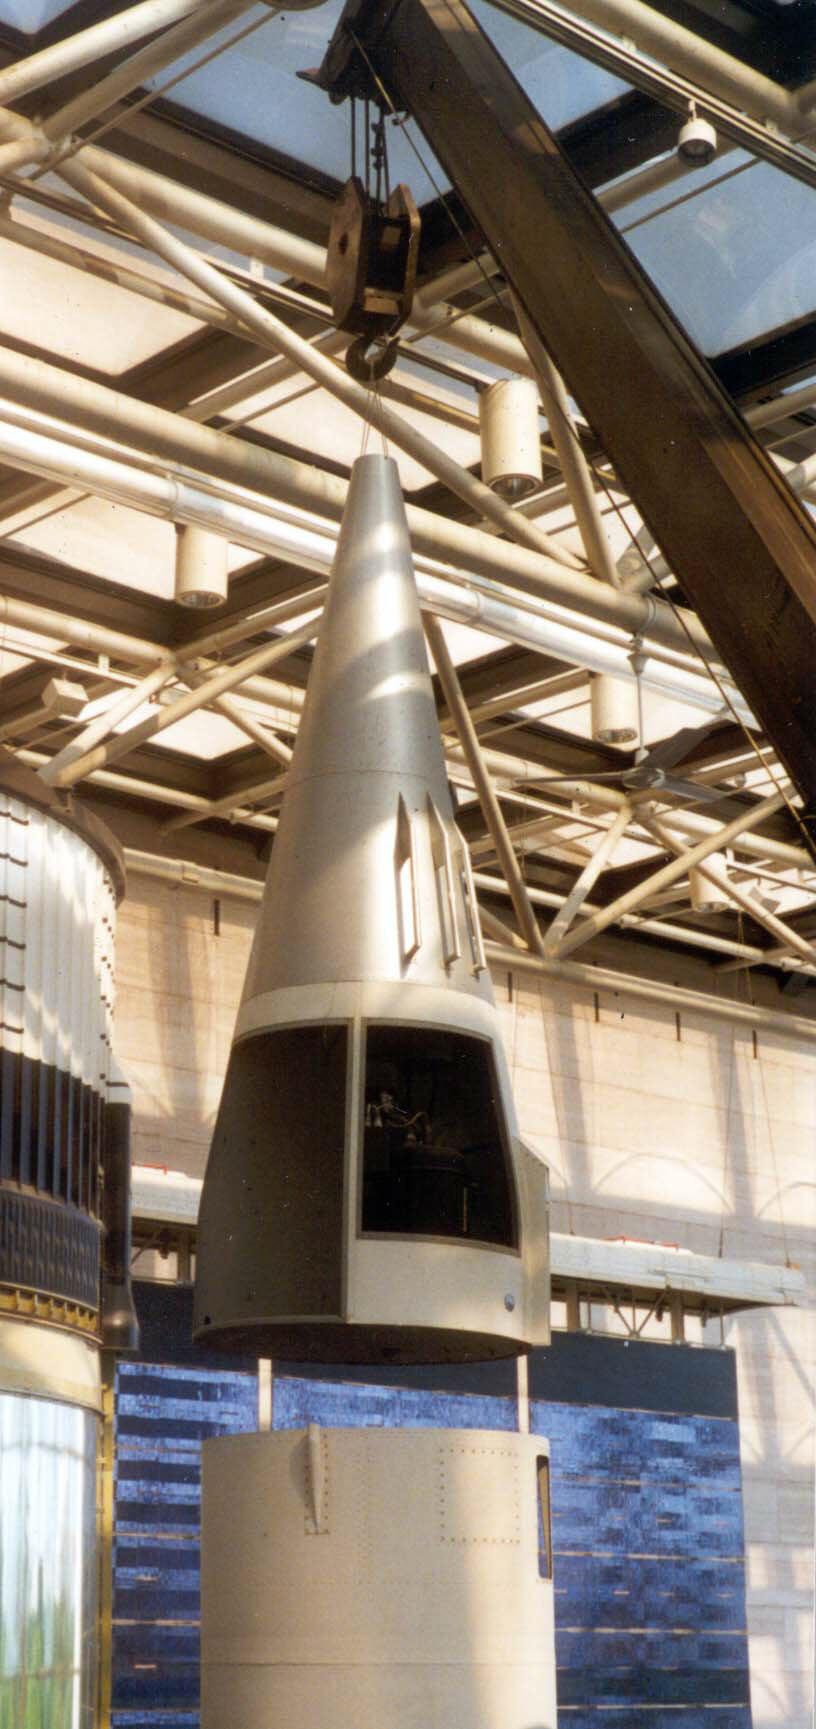 Image of : Rocket, Sounding, Viking 12